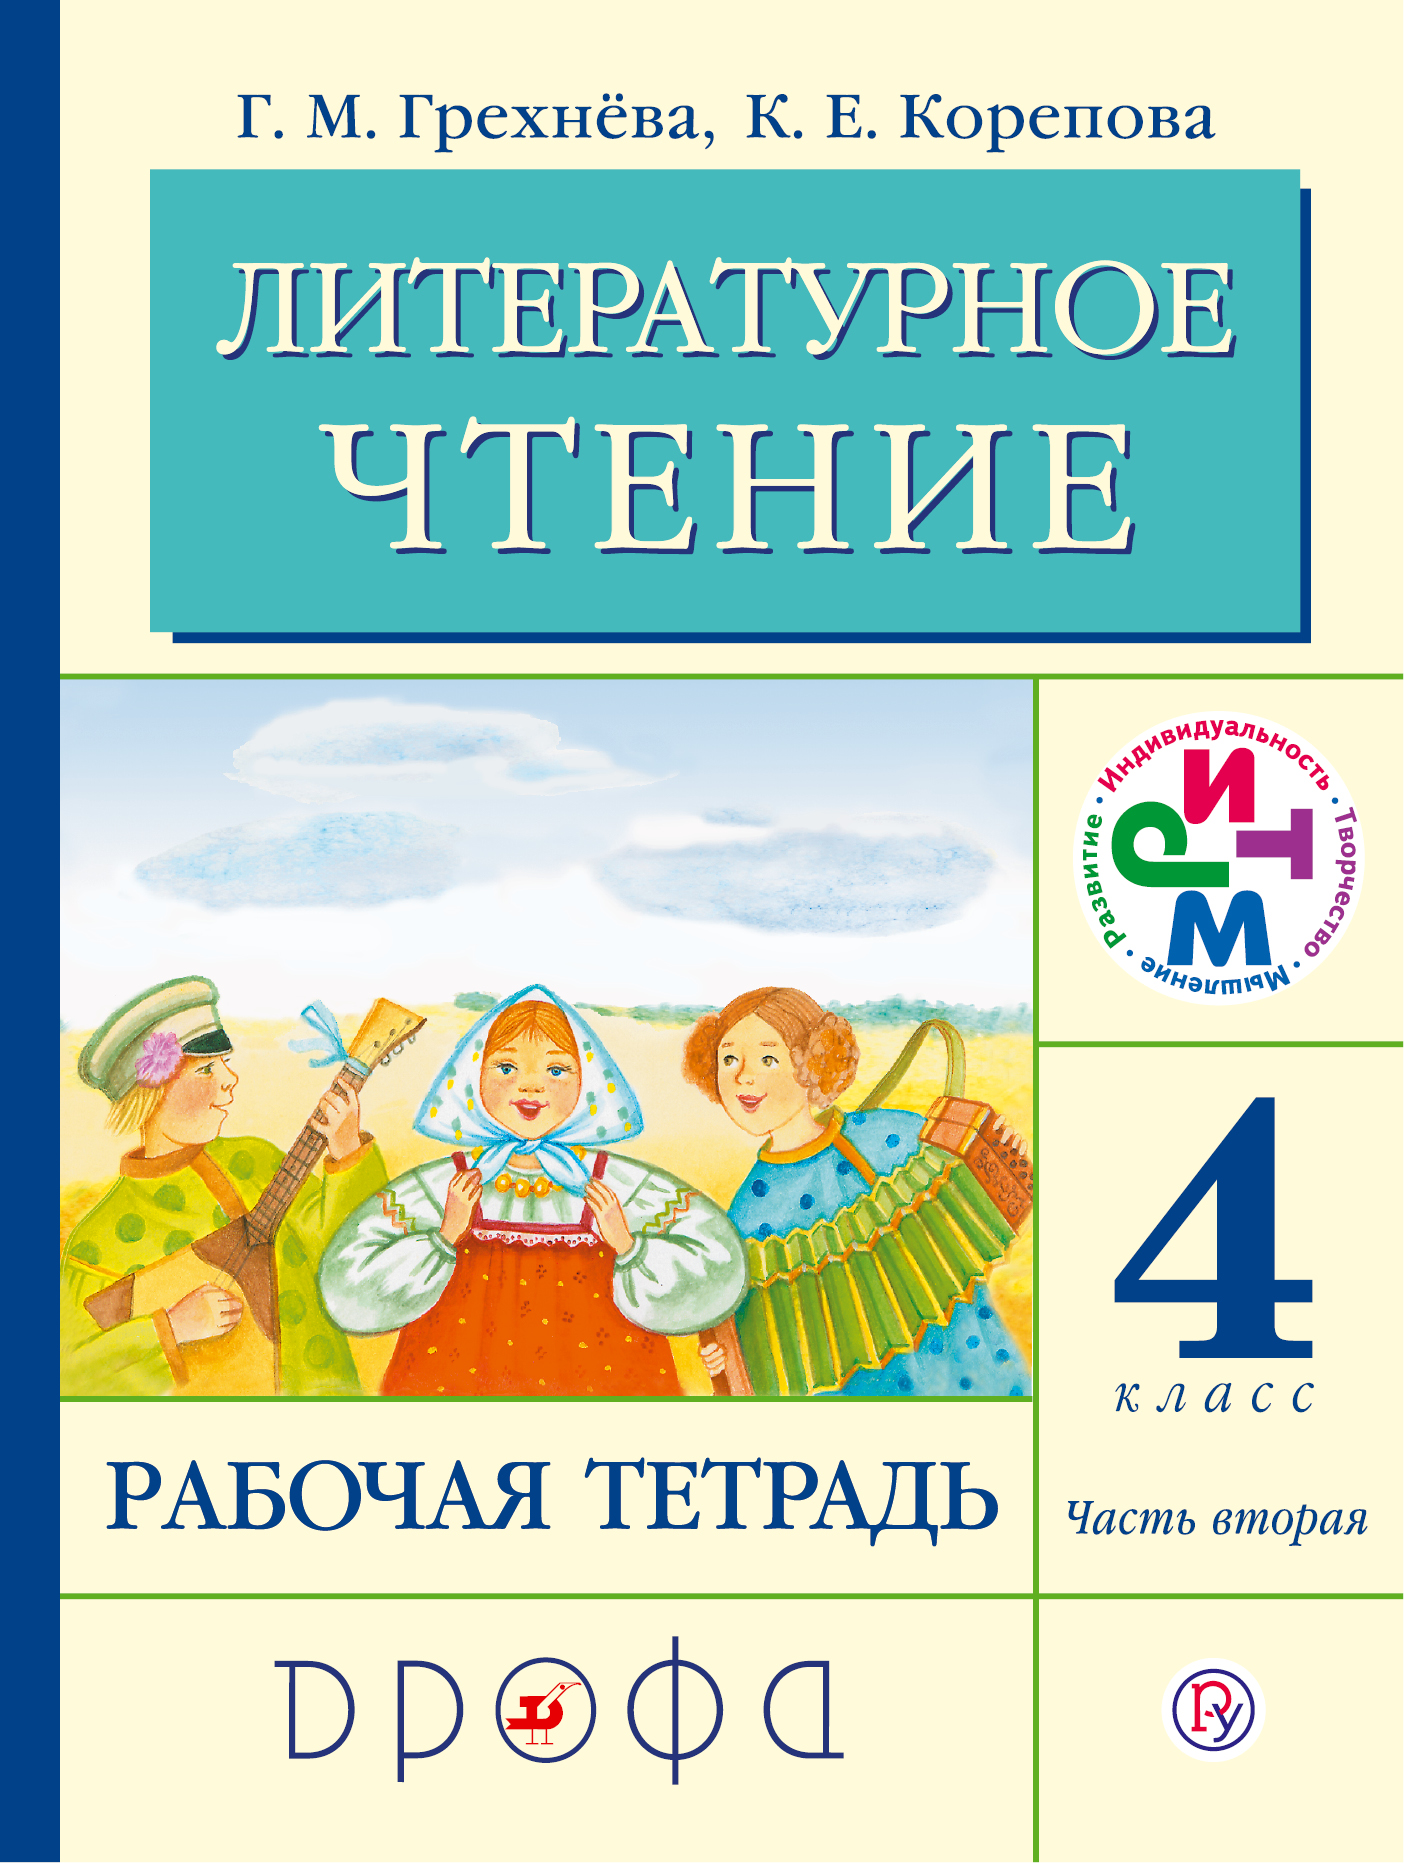 Грехнева Г.М., Корепова К.Е. Литературное чтение. 4 кл. Рабочая тетрадь. Часть 2. РИТМ